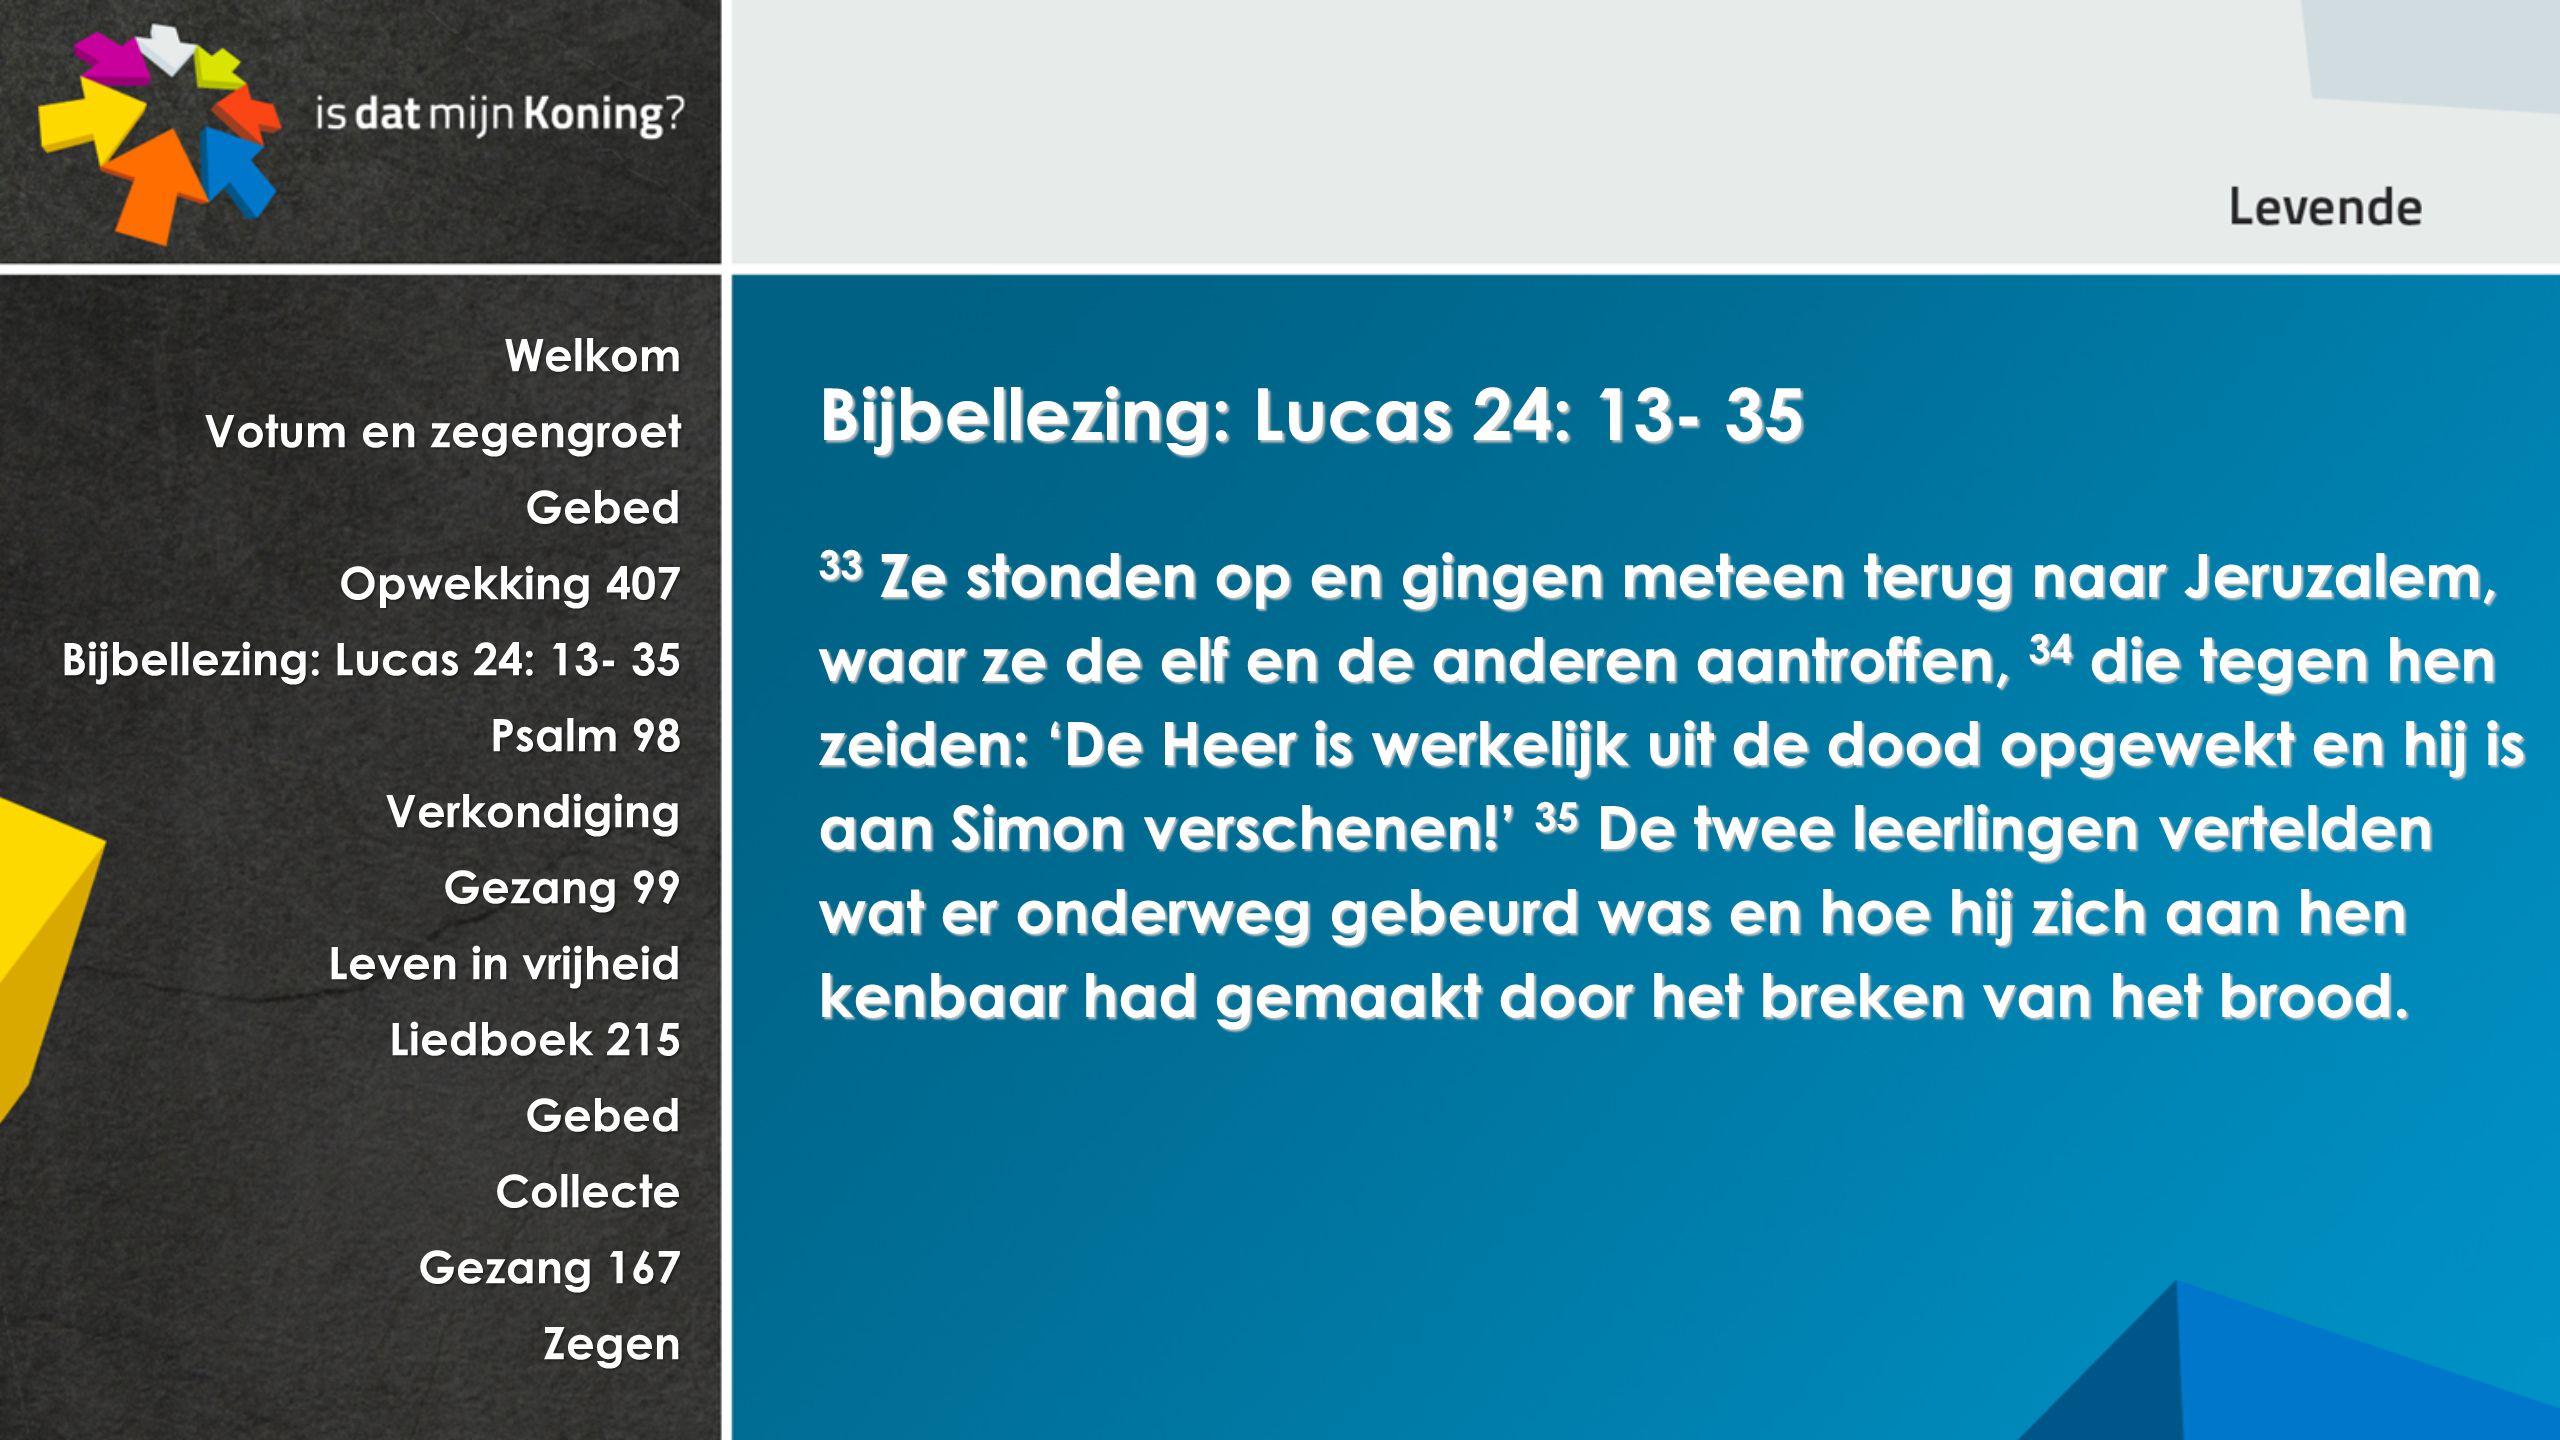 Bijbellezing: Lucas 24: 13- 35